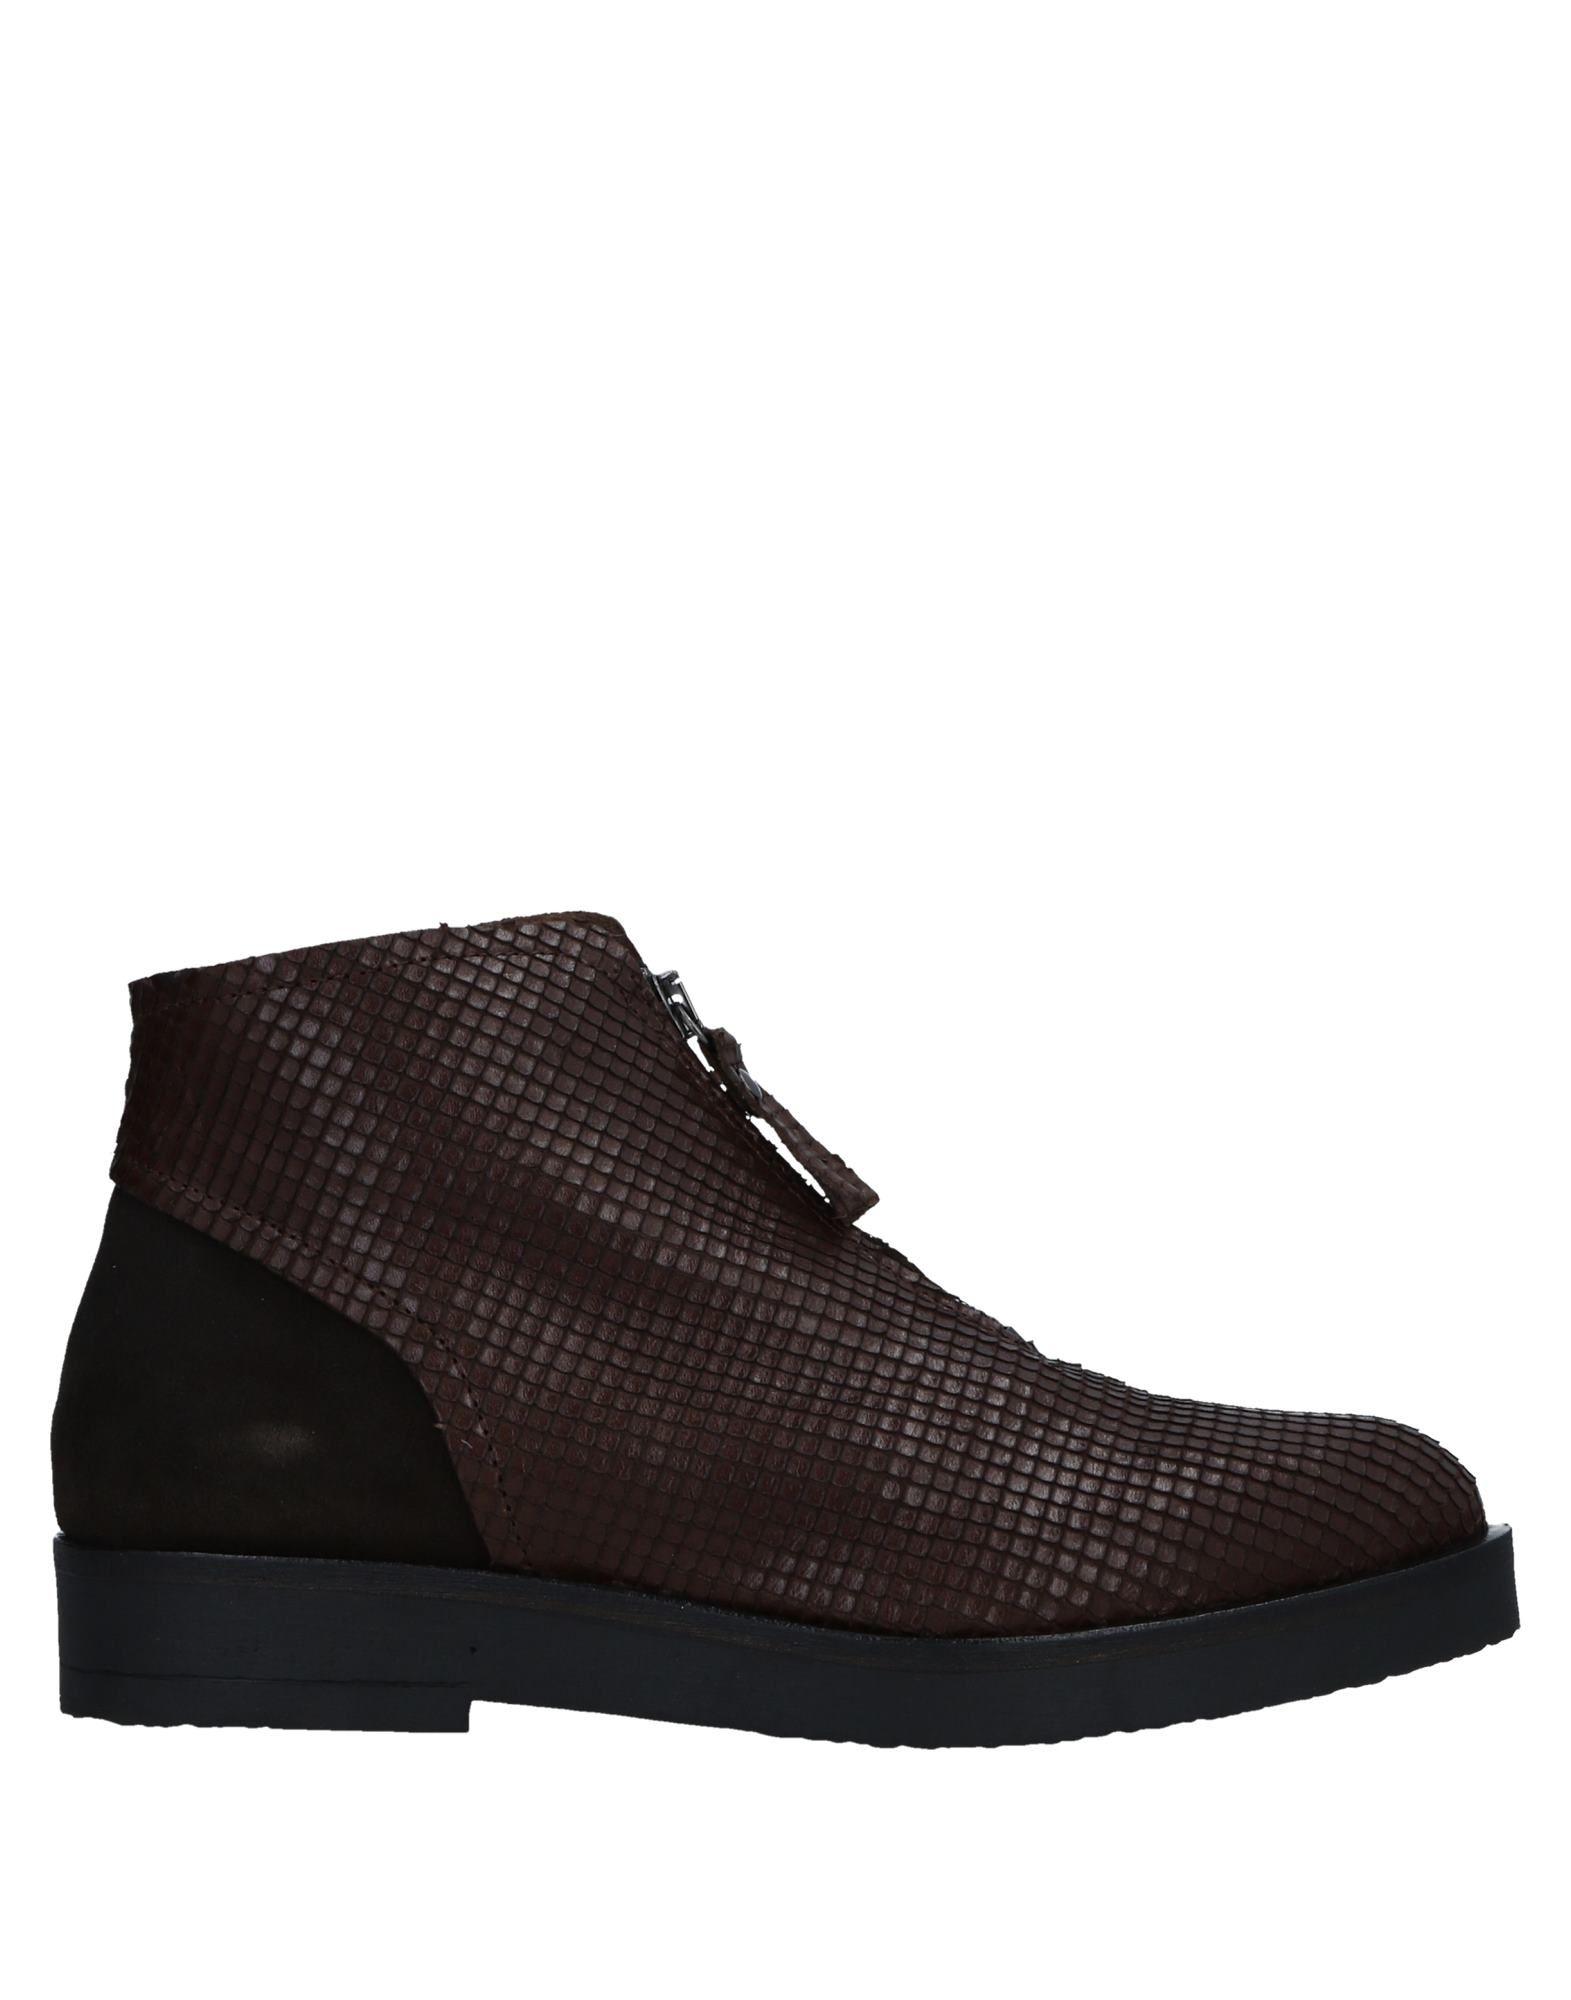 Lilimill Stiefelette Damen  11524140SO Gute Qualität beliebte Schuhe